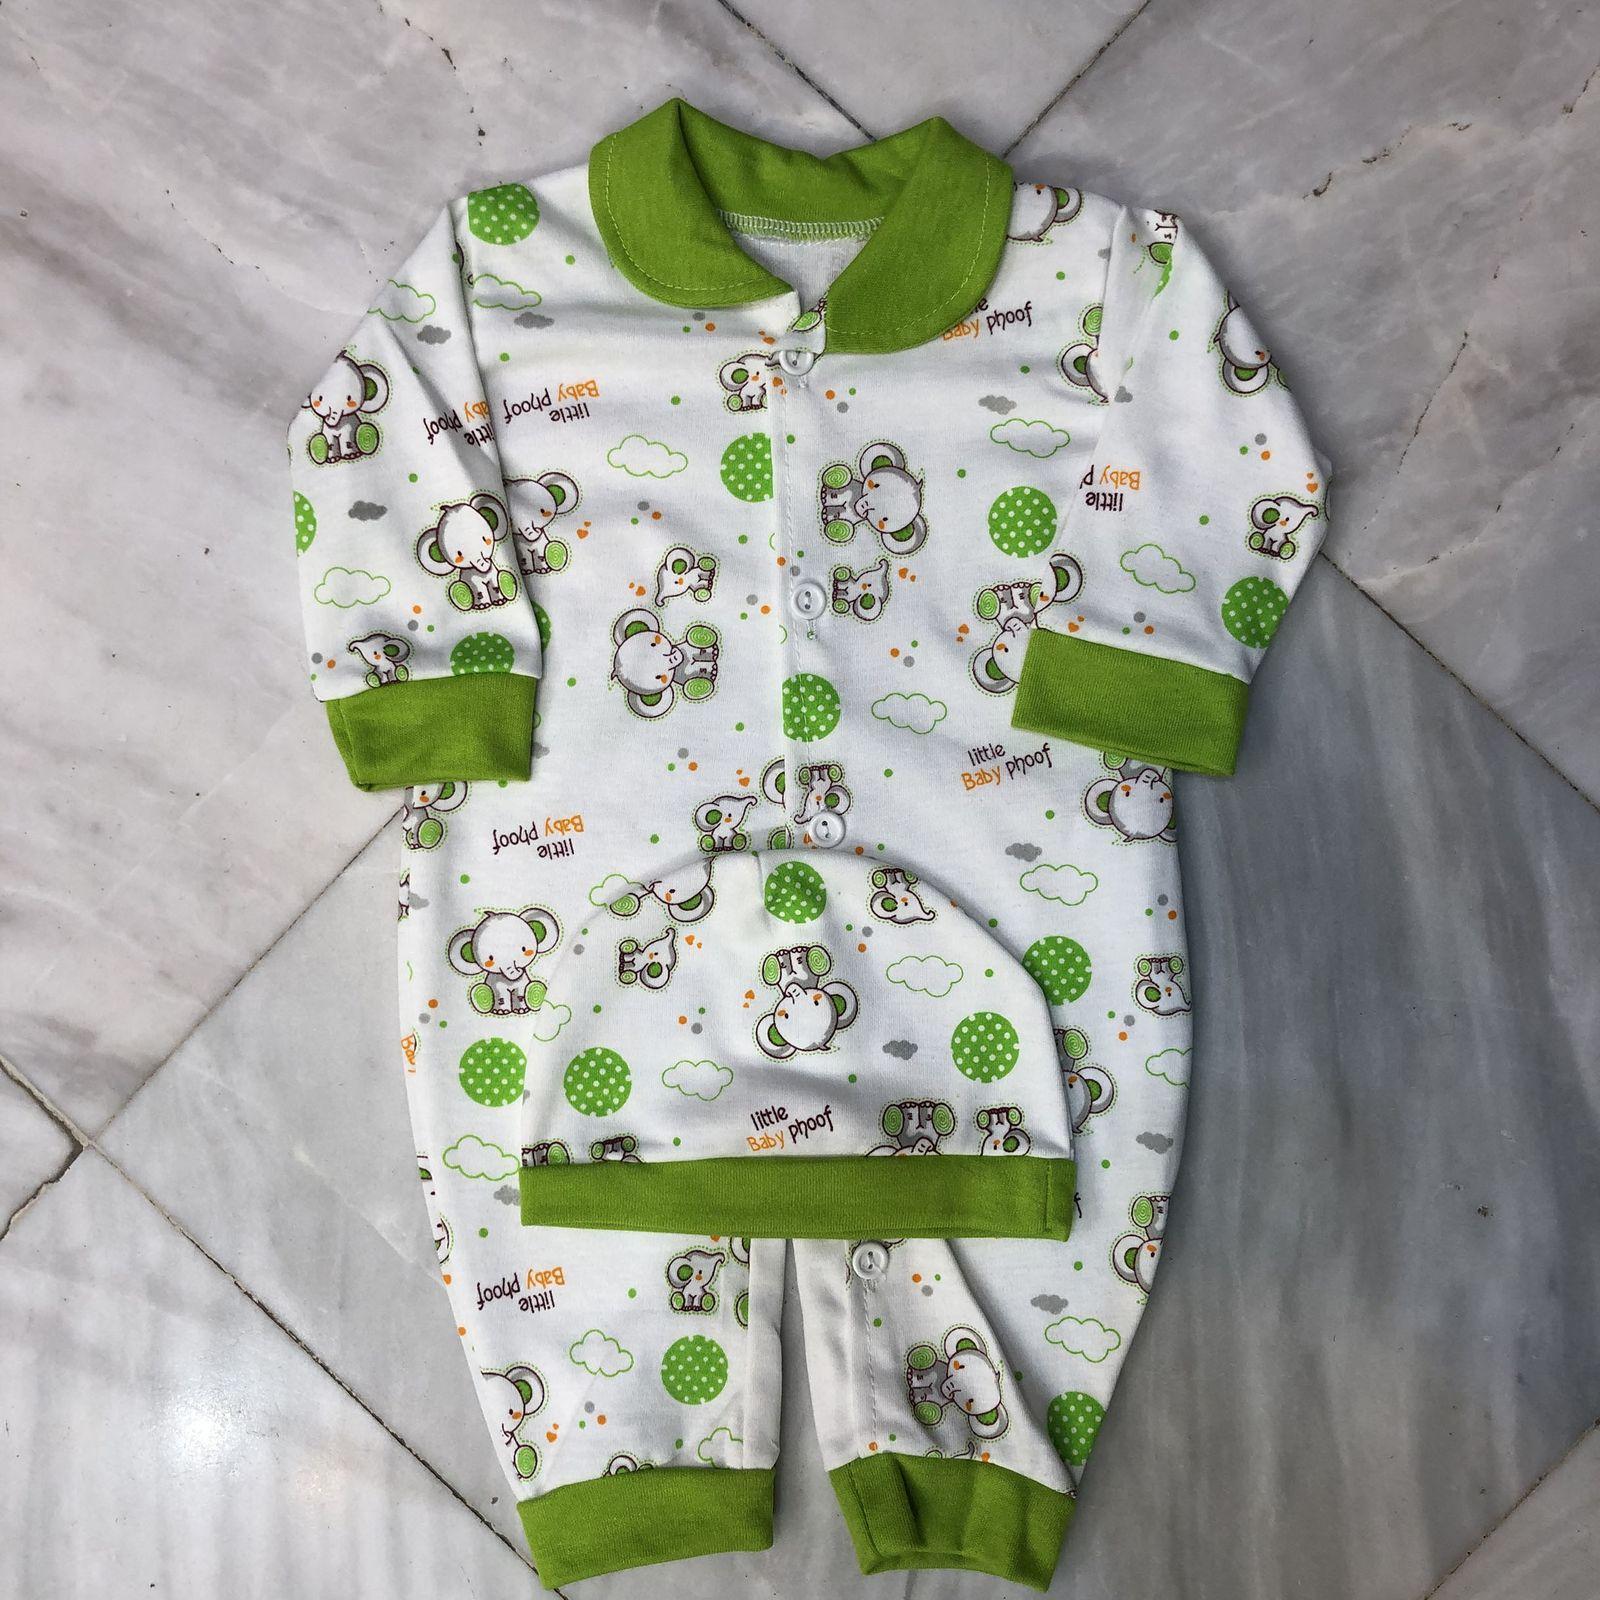 ست سرهمی و کلاه نوزادی مدل A&S7173 رنگ سبز -  - 3